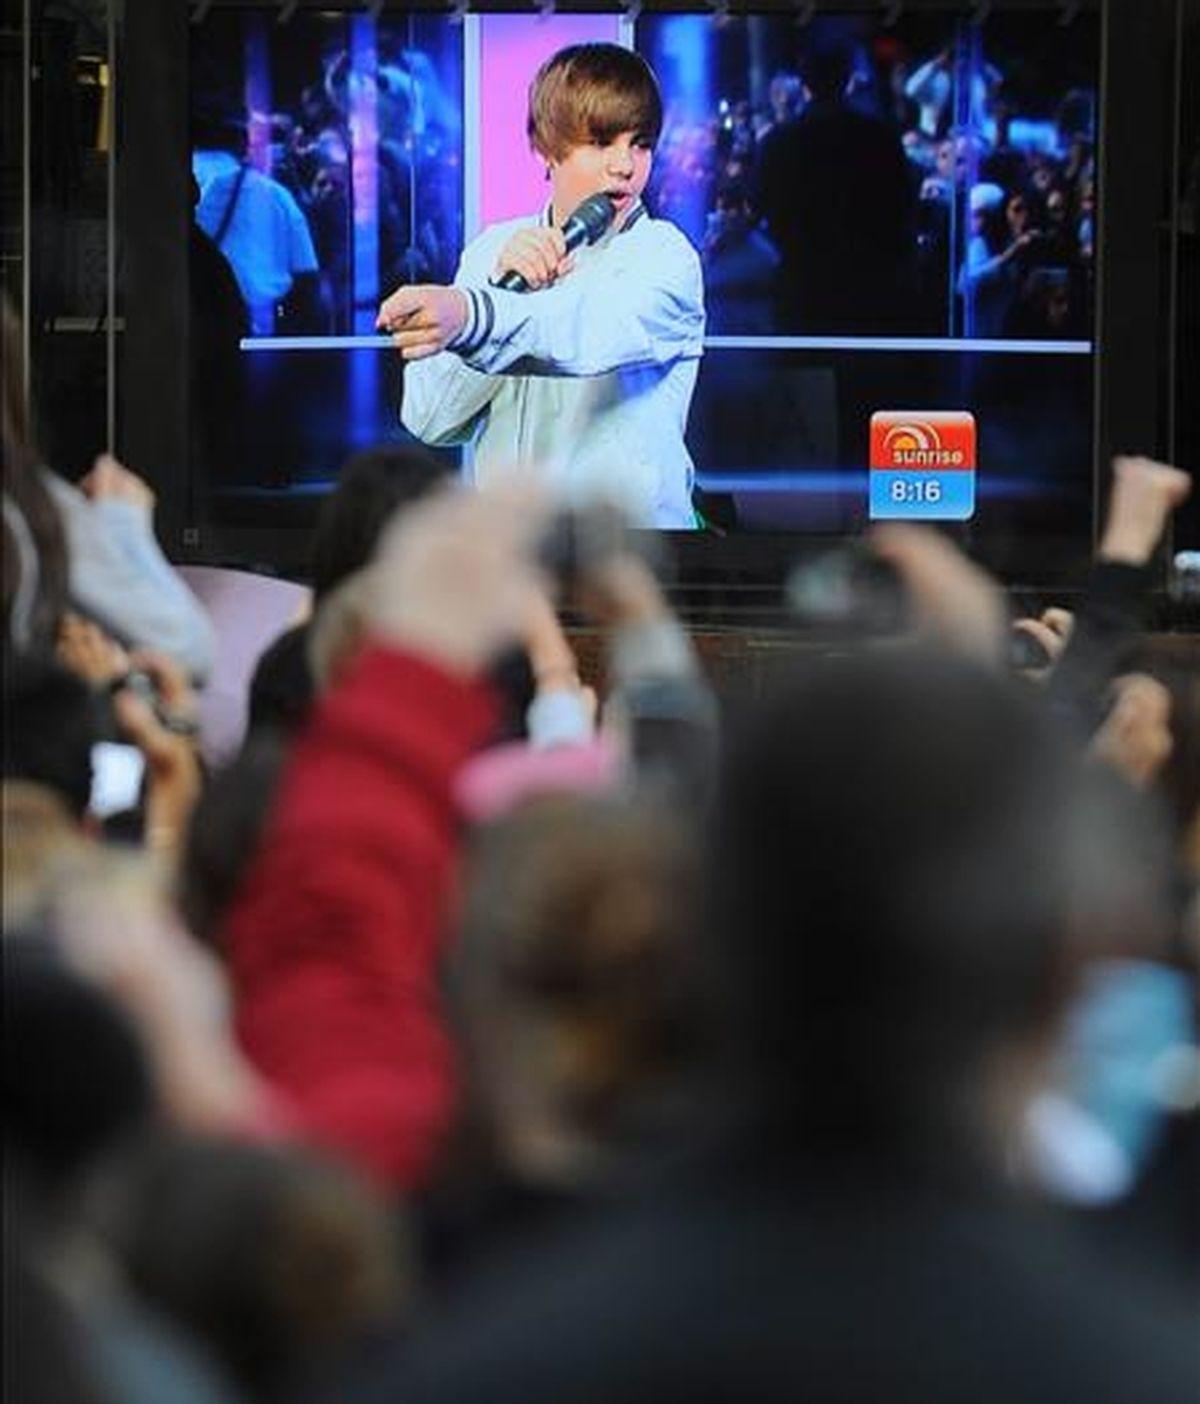 Vista de la pantalla de un televisor que muestra al cantante canadiense Justin Bieber hoy, en una entrevista, mientras cientos de fans esperan en el Martin Place, en Sidney (Australia) a las afueras de los estudios del Canal 7 para ver al artista. El concierto de Bieber and The Rocks, fue cancelado hoy por la Policía ante la avalancha de fans para asistir al concierto. EFE